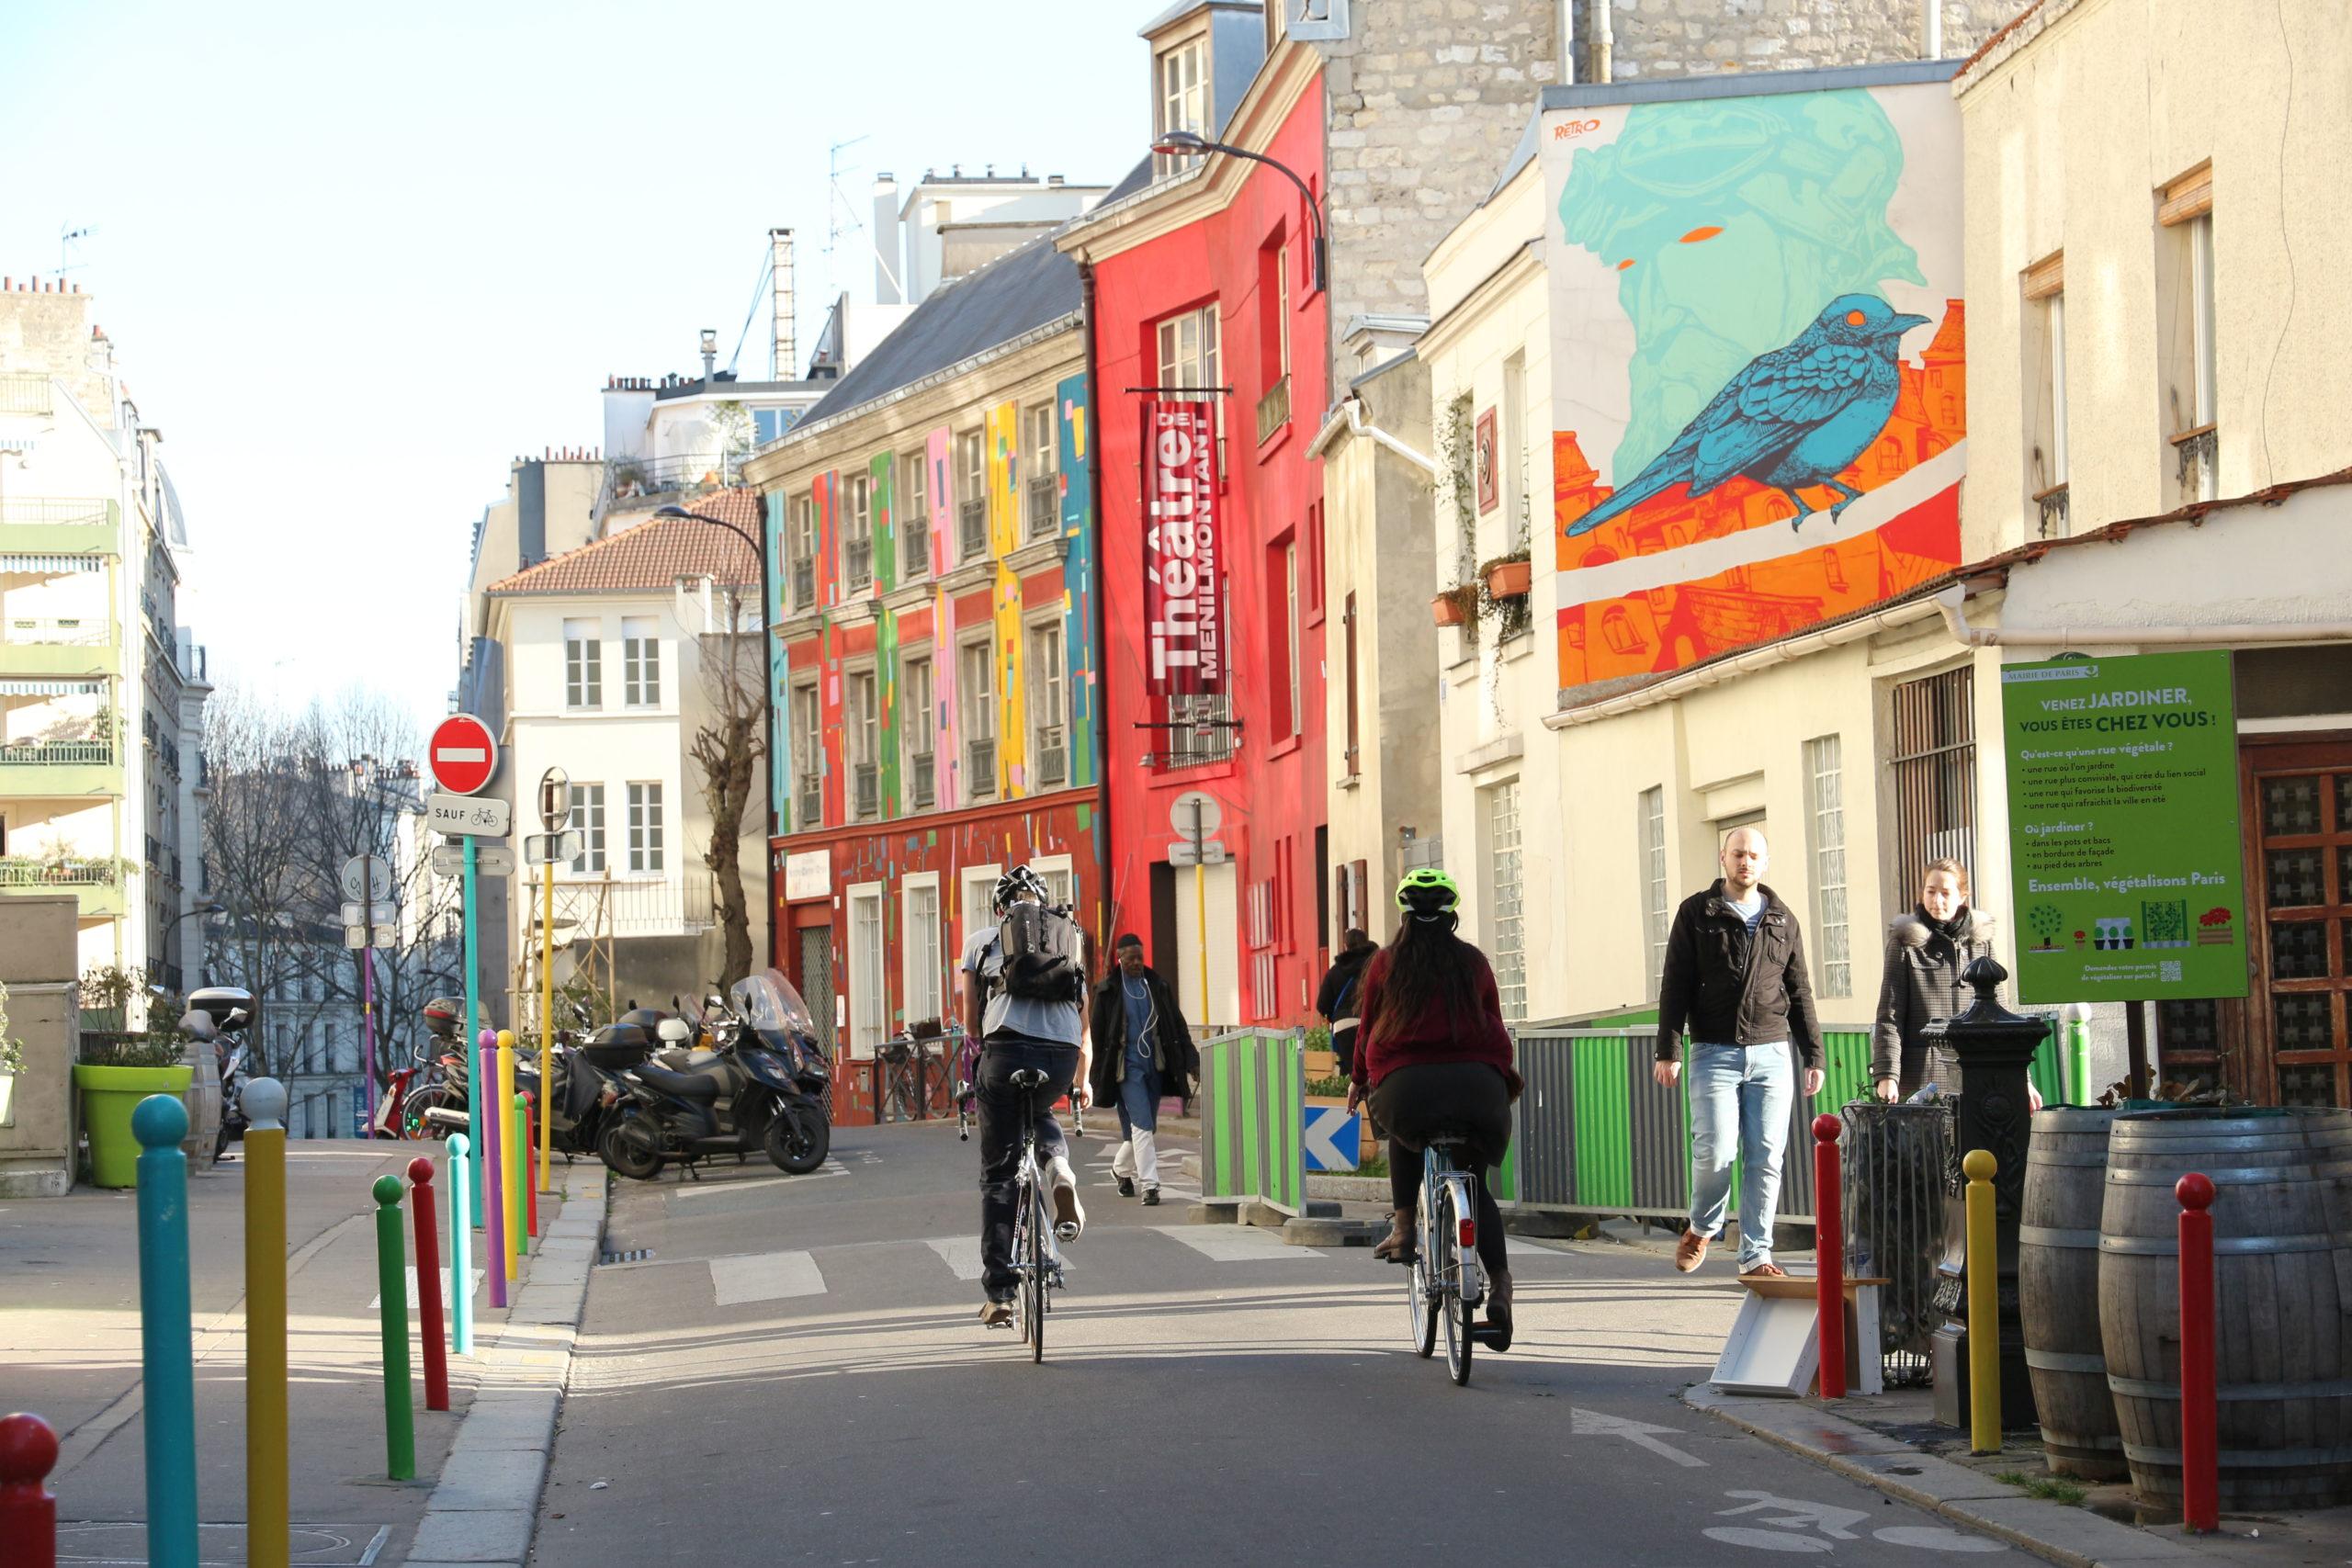 cocyclette balade urbaine vélo paris connecter environnement entreprise impact positif société